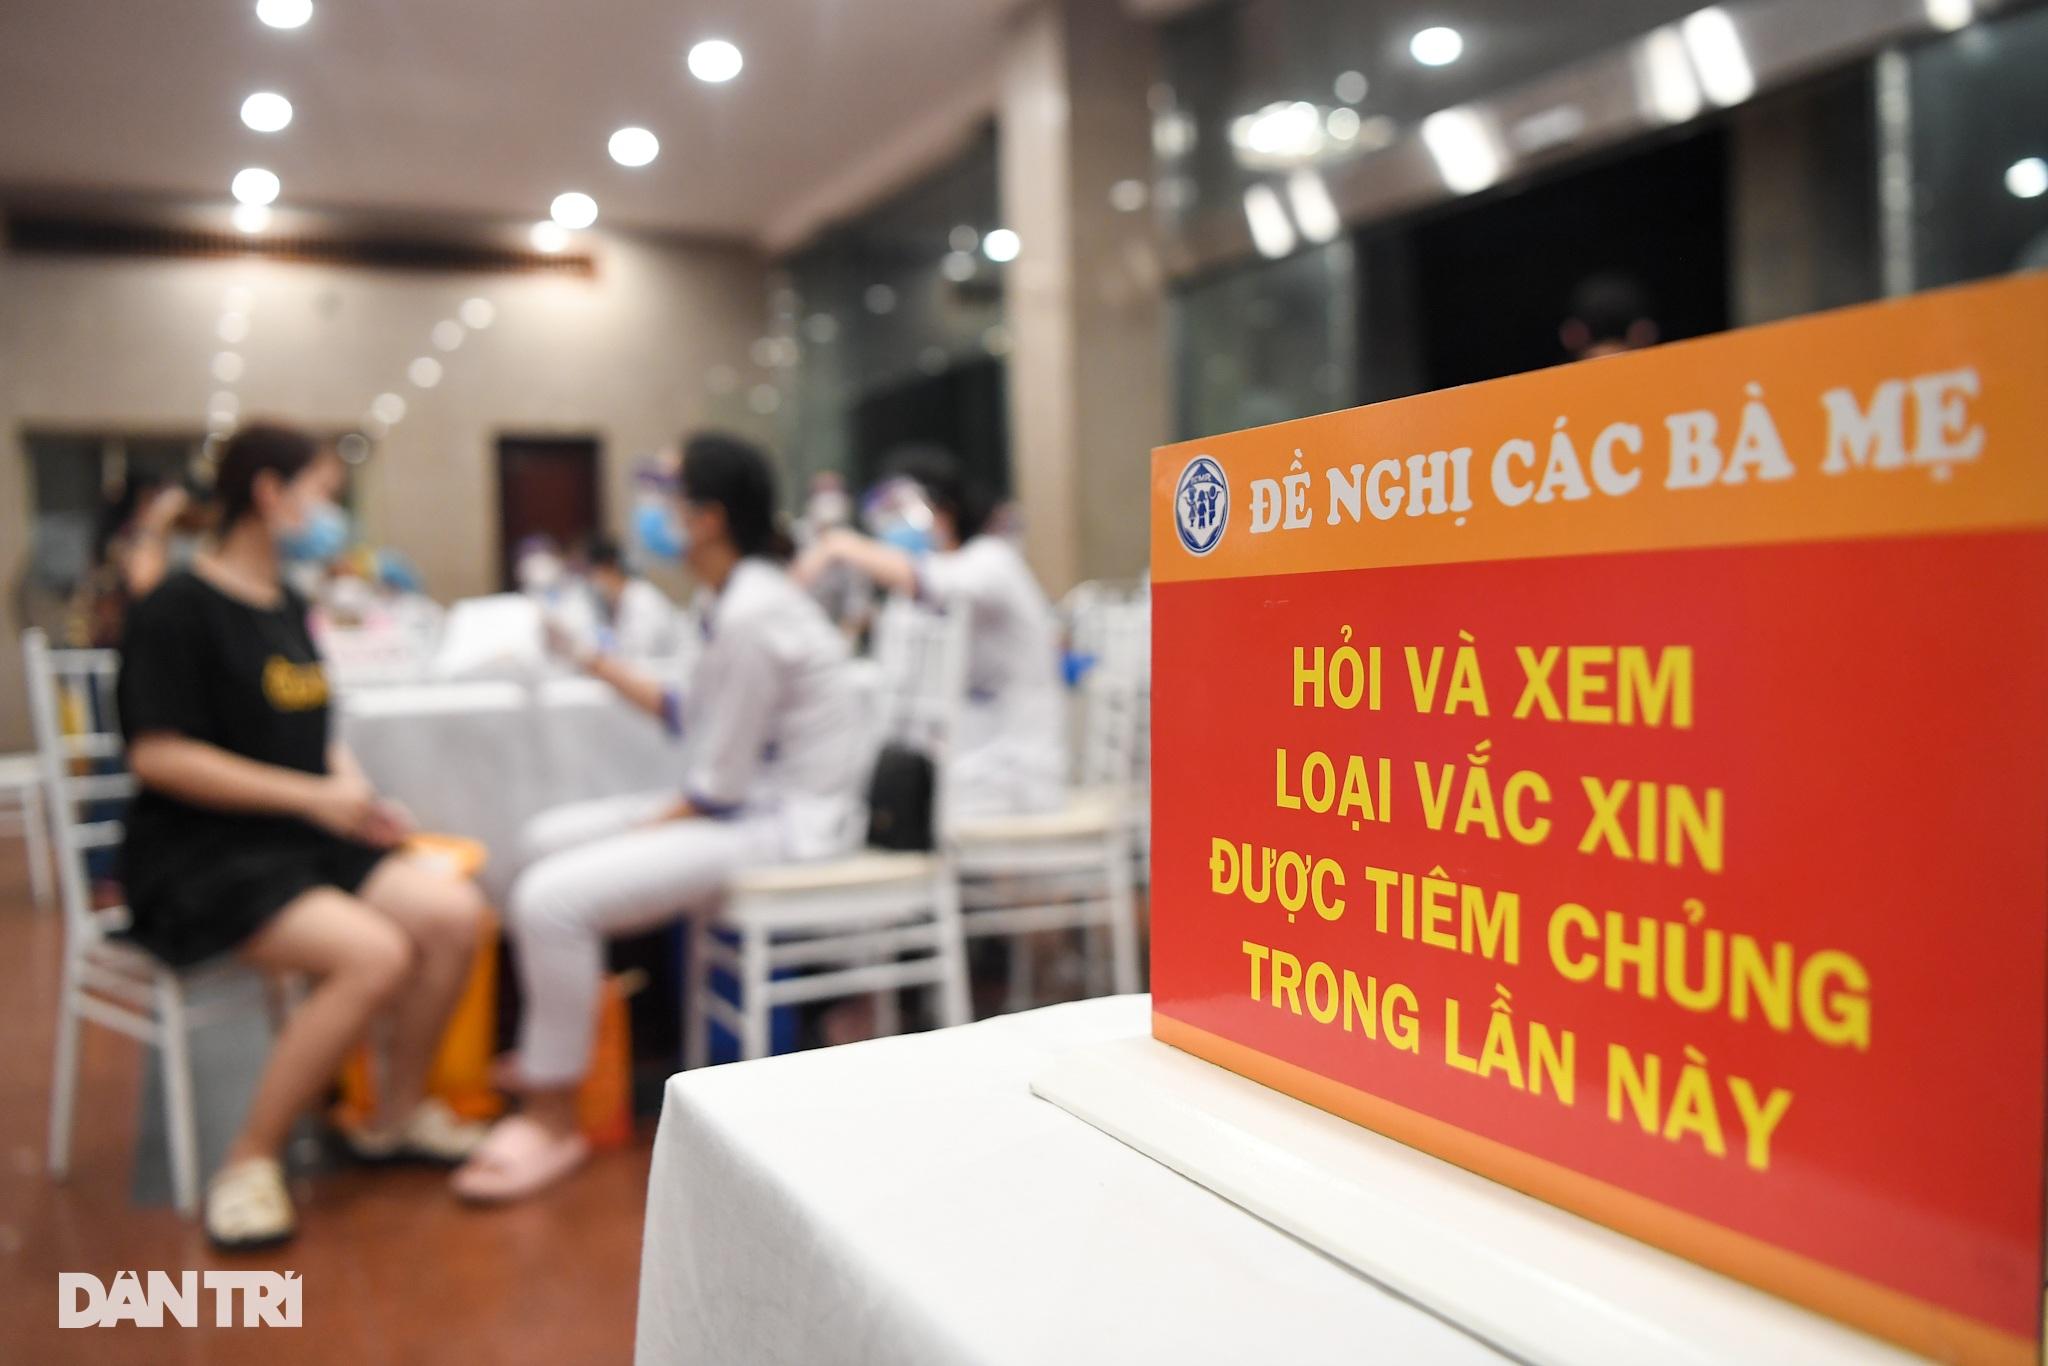 Ảnh: Toàn cảnh Chiến dịch truy vết và phủ vắc xin ngừa Covid-19 tại Hà Nội - 17